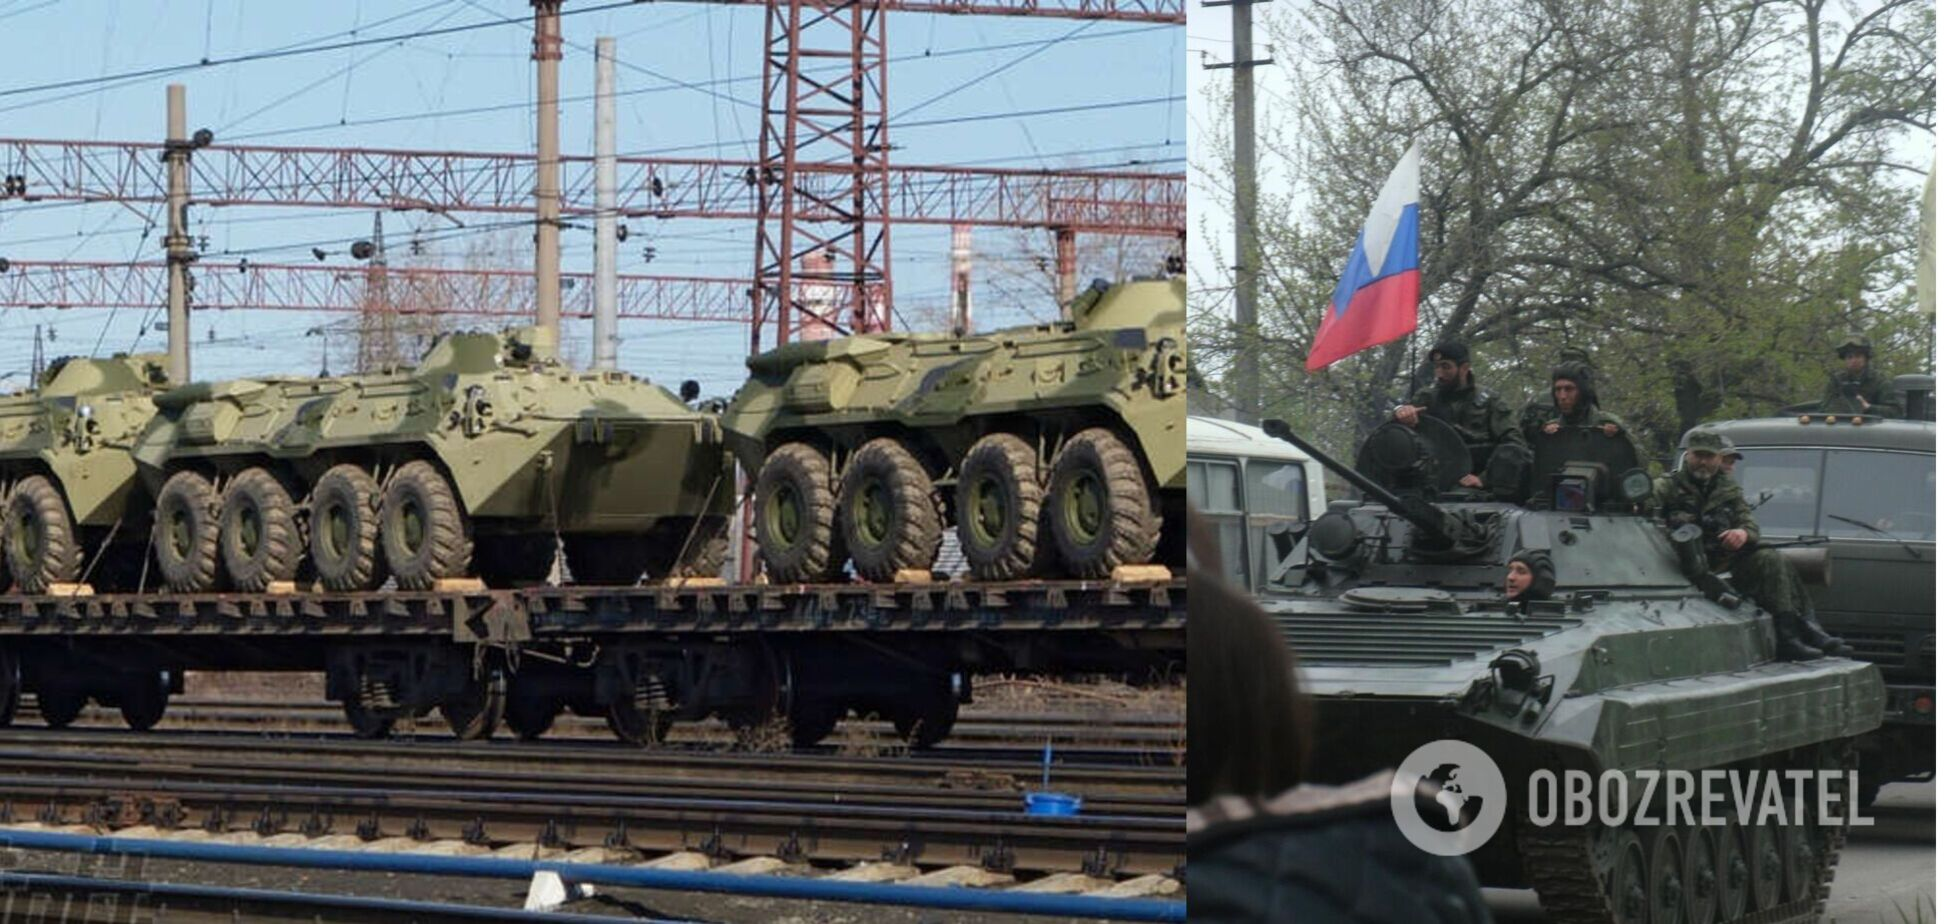 Новые эшелоны военной техники РФ заметили у границы с Украиной. Видео